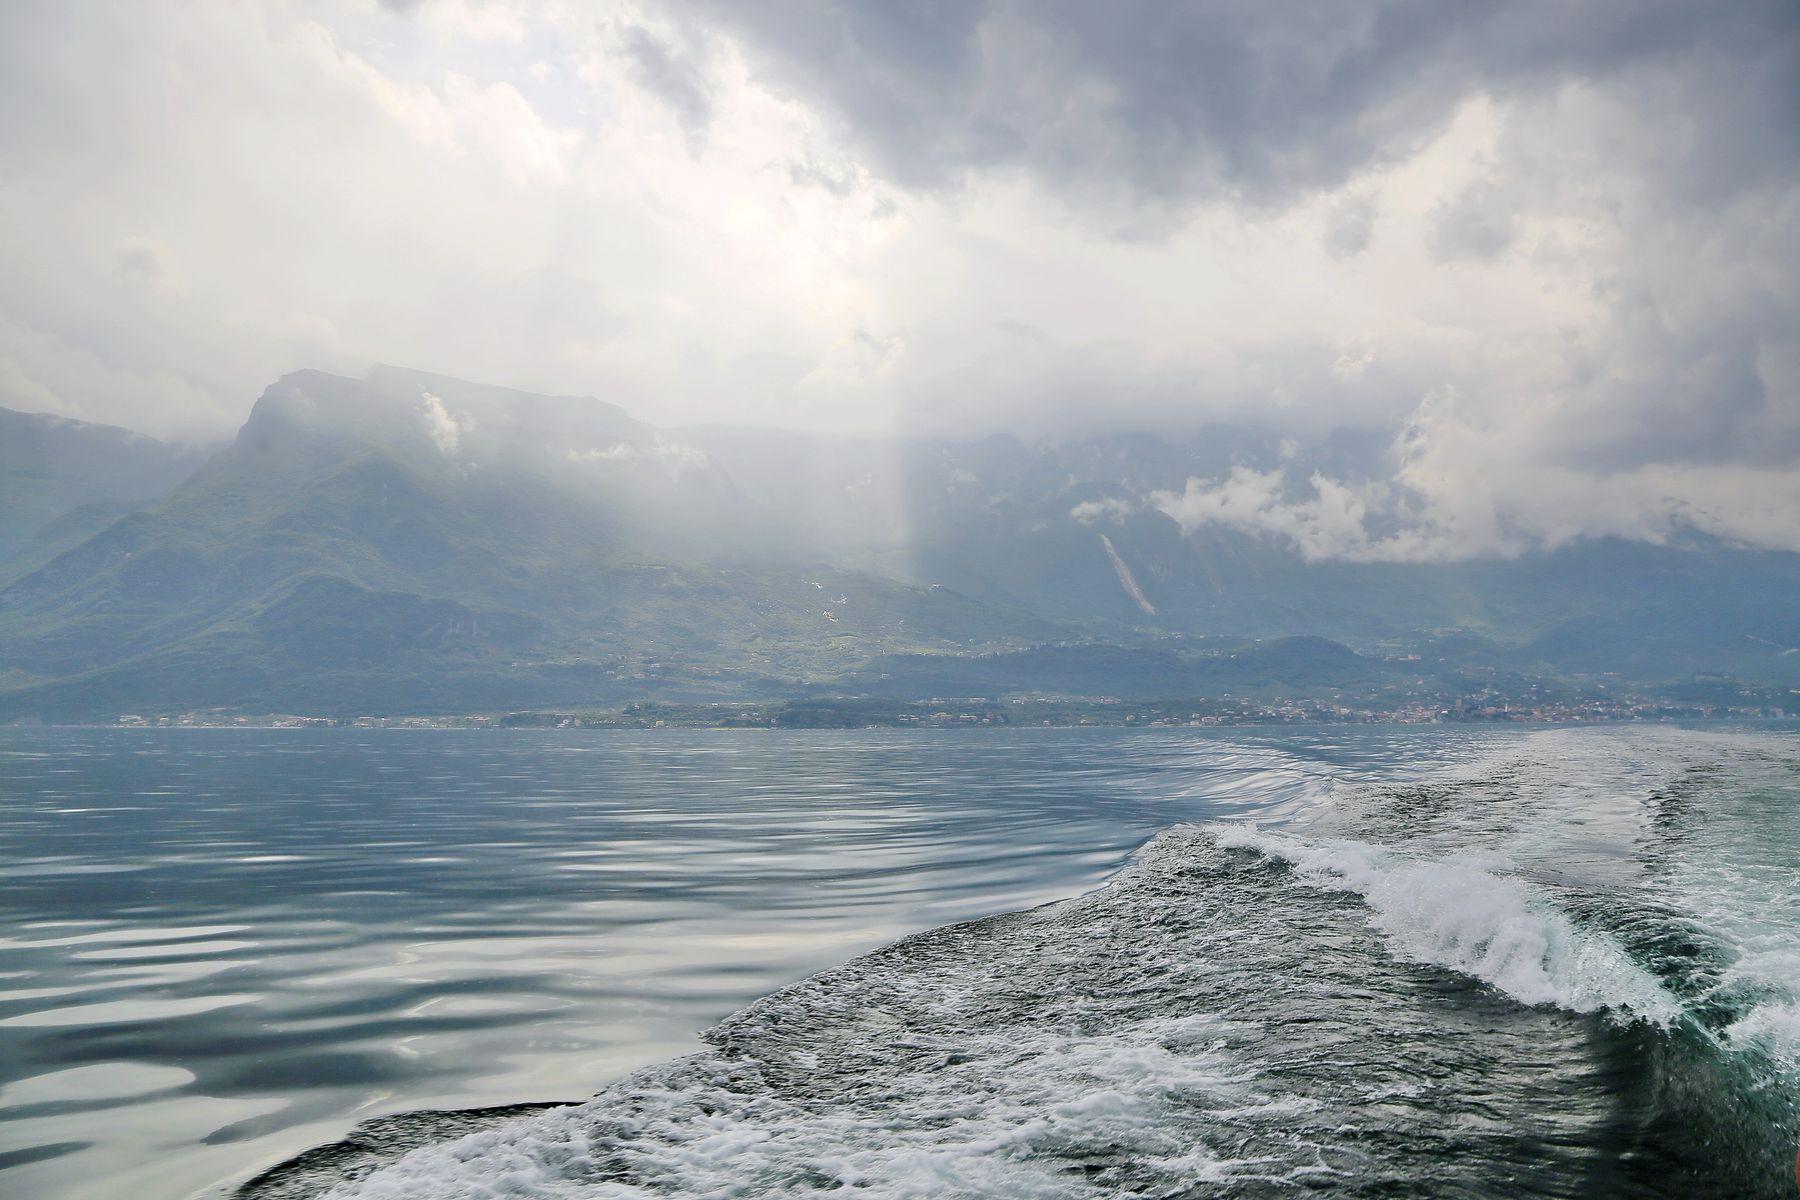 ***   уходим от грозы нависшей .... Гарда озеро Италия скорость катер